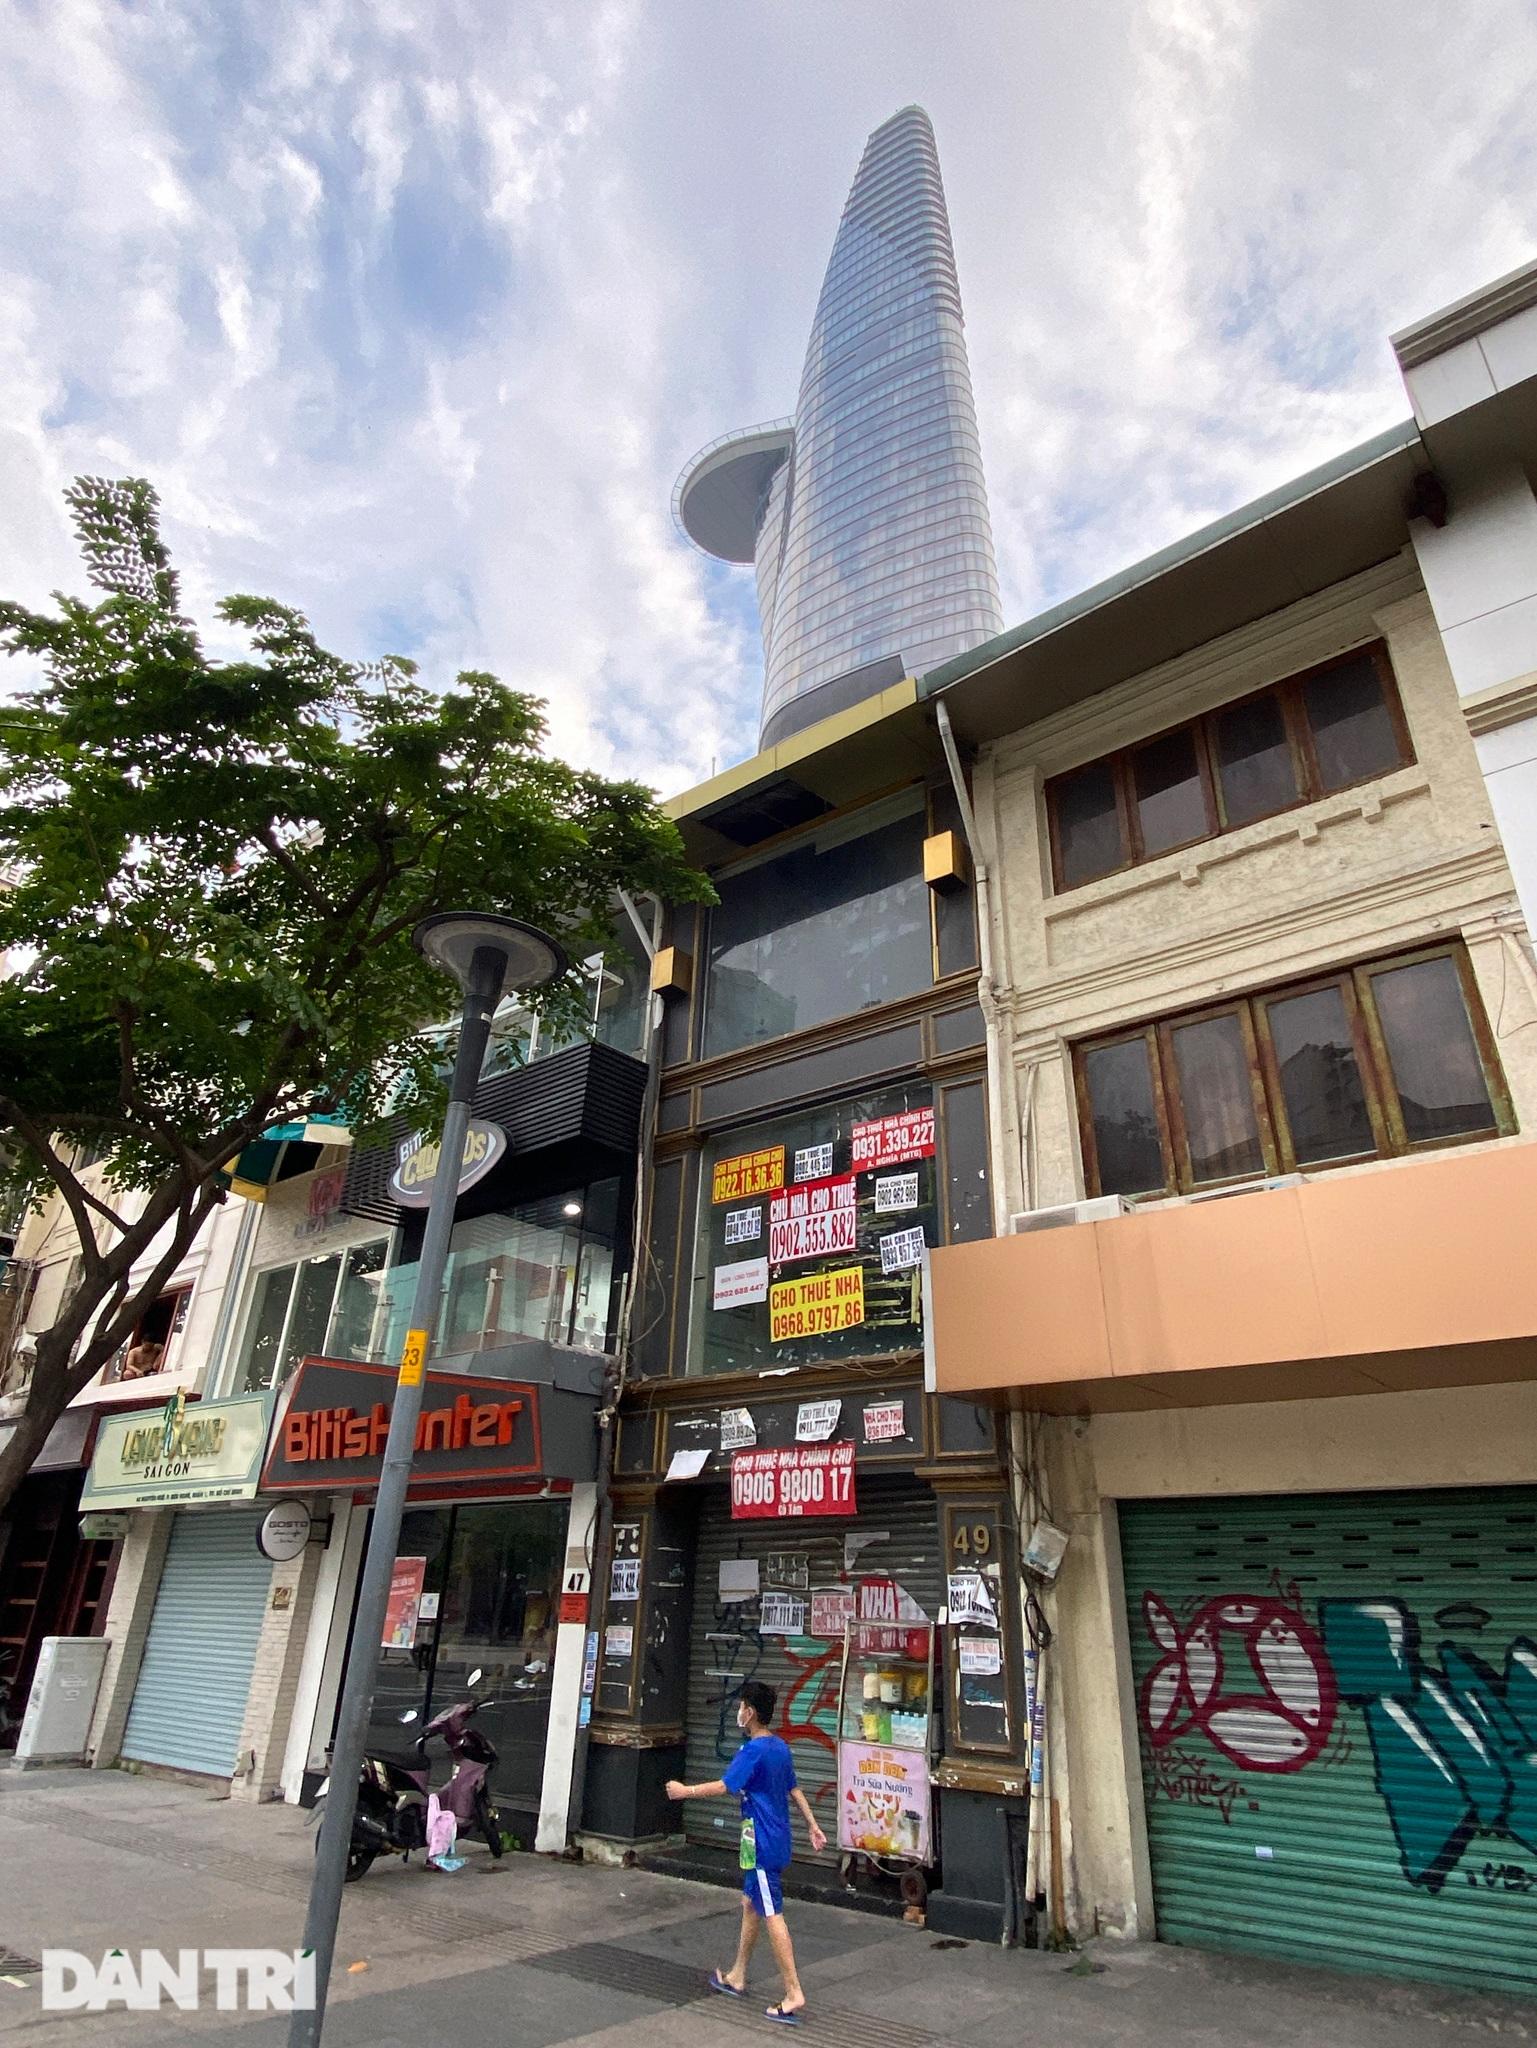 Tràn ngập biển cho thuê, bán nhà trên các tuyến phố trung tâm Sài Gòn - 6